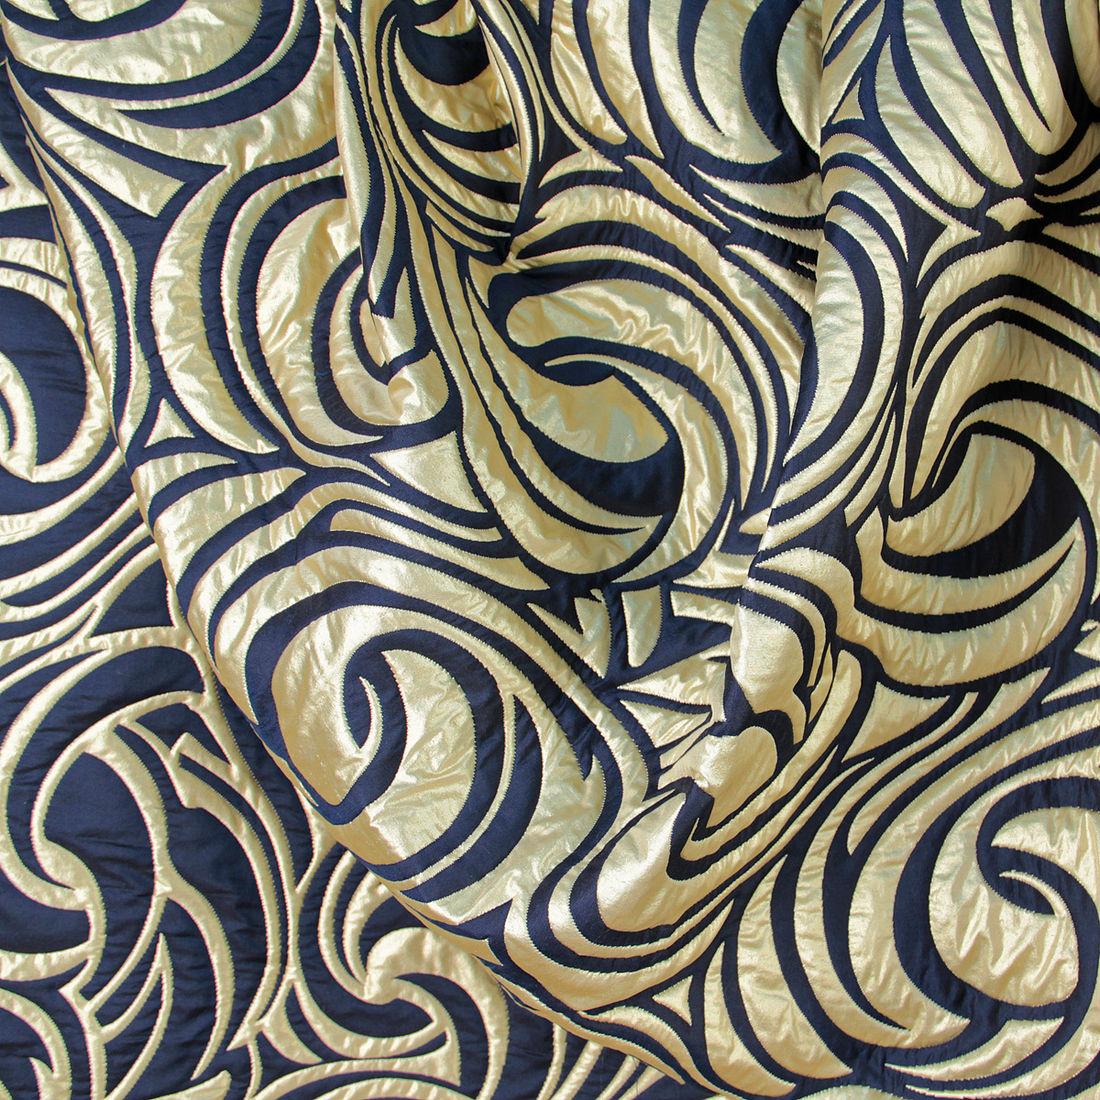 Anna Tsvetkovskaya. Textile. 2304 OPERA 6137 J50